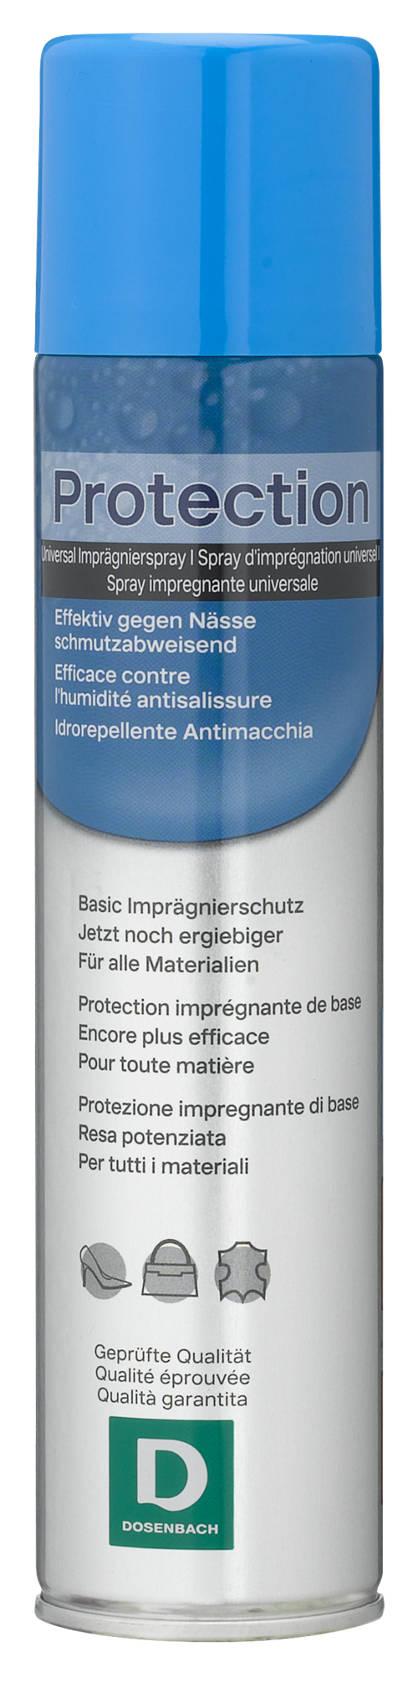 Dosenbach Dosenbach Protection Spray universel